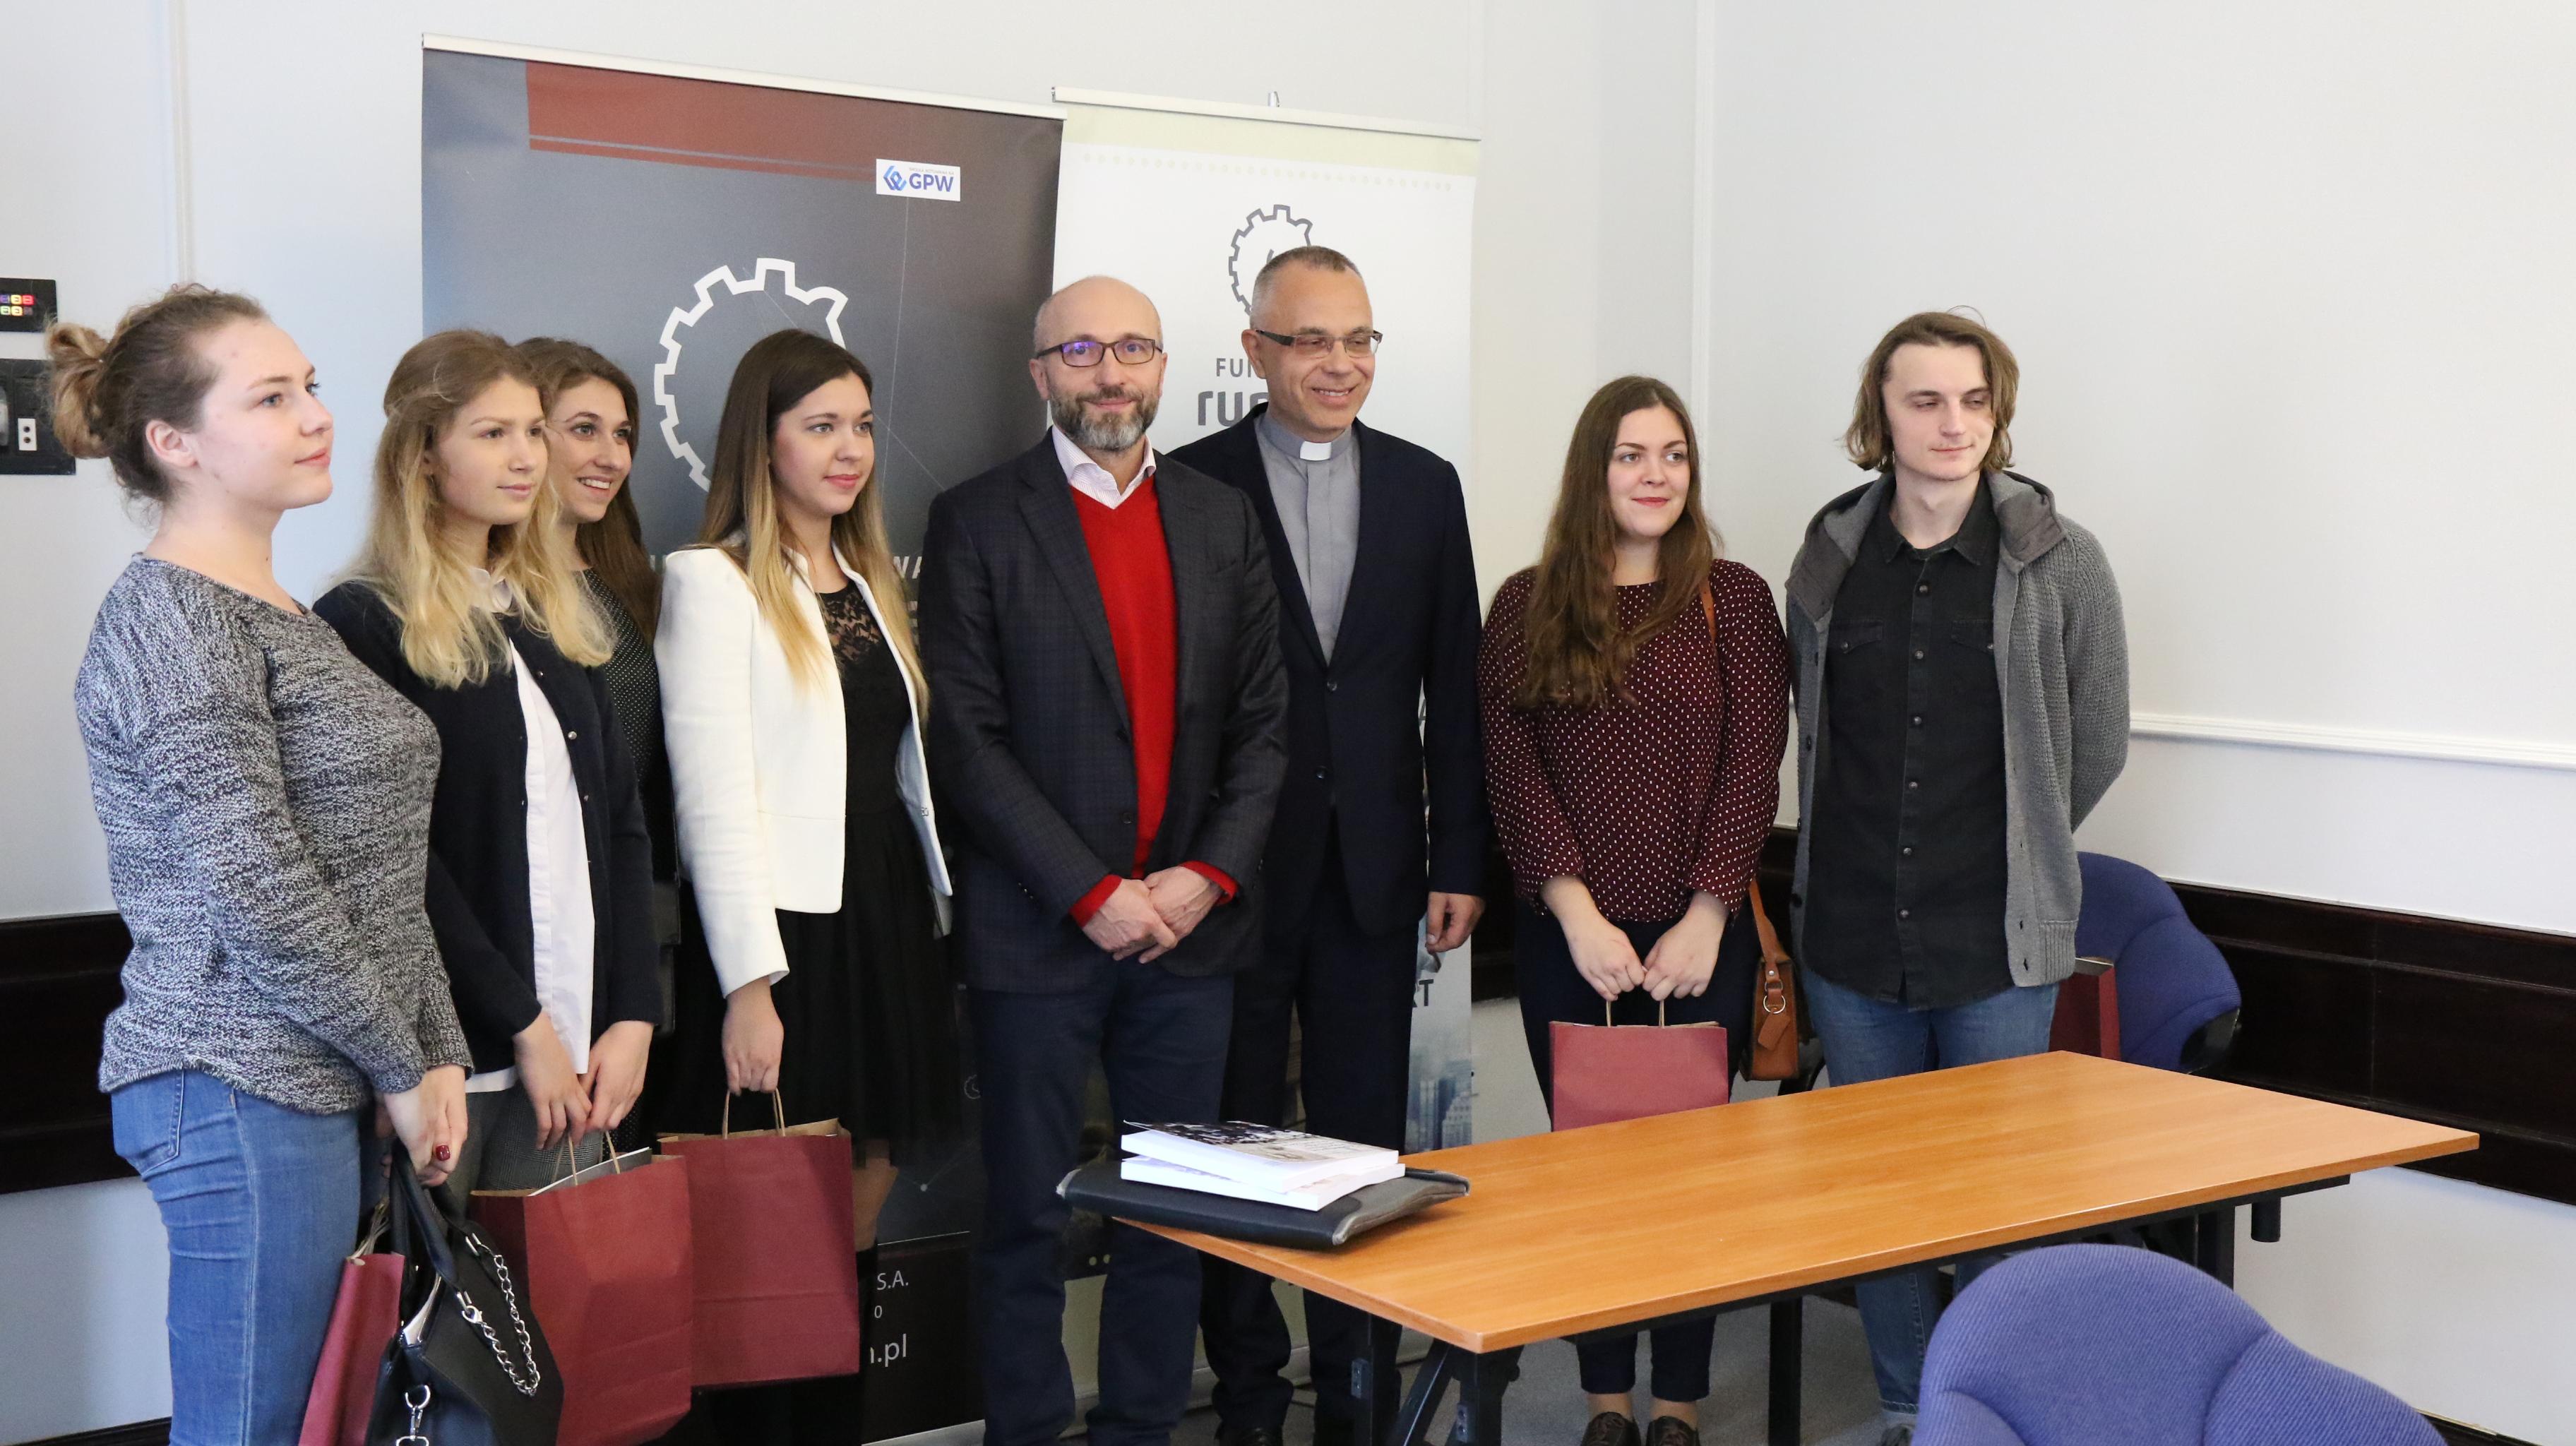 Nowi stypendyści i inauguracja 5 roku działalności Fundacji Rumak